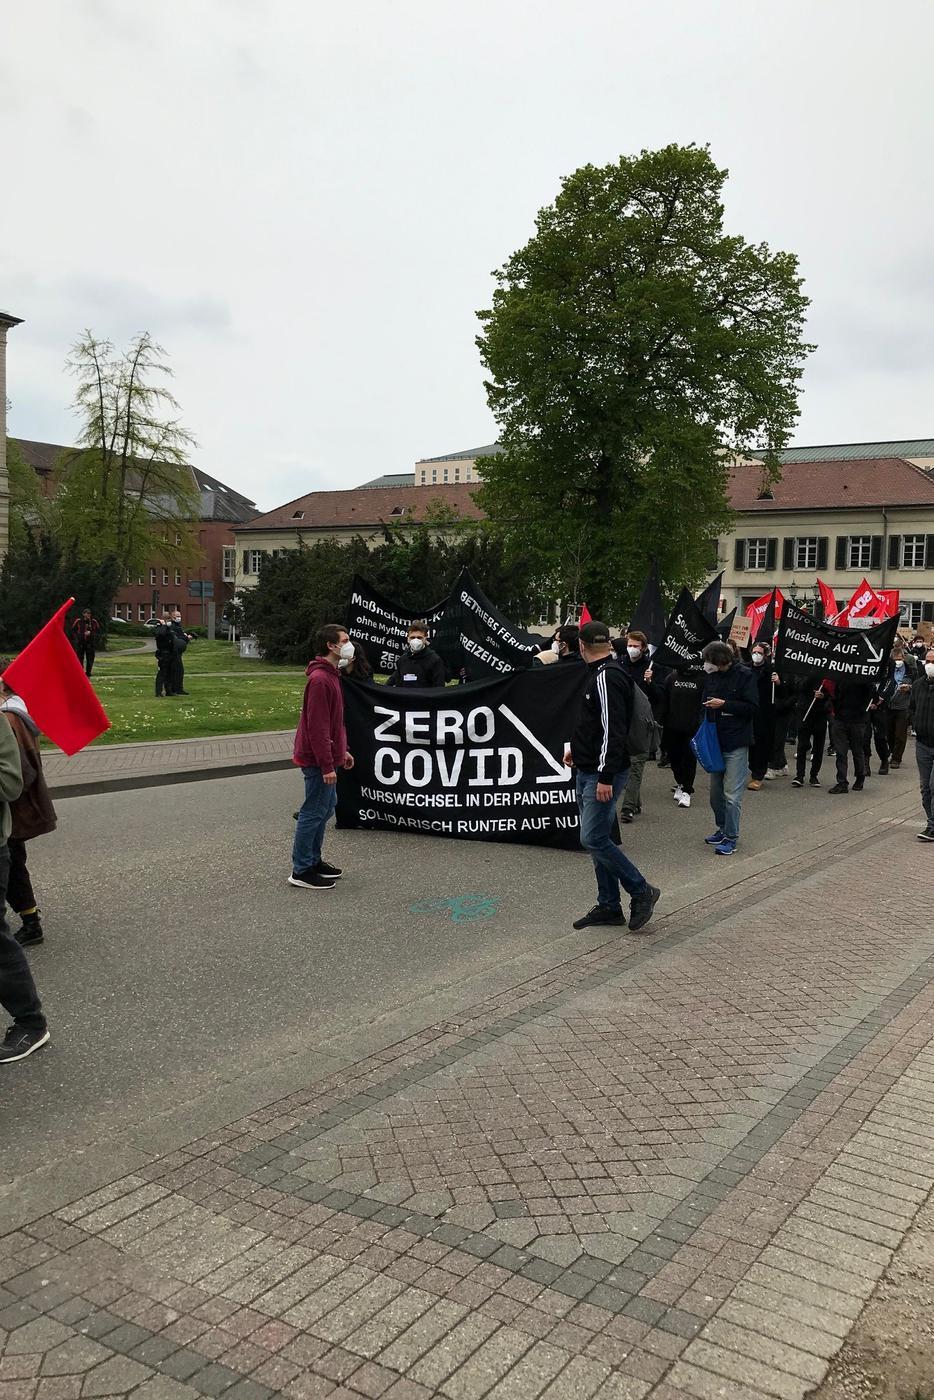 Demo-Zug am Friedrichsplatz mit Zero Covid Forderung